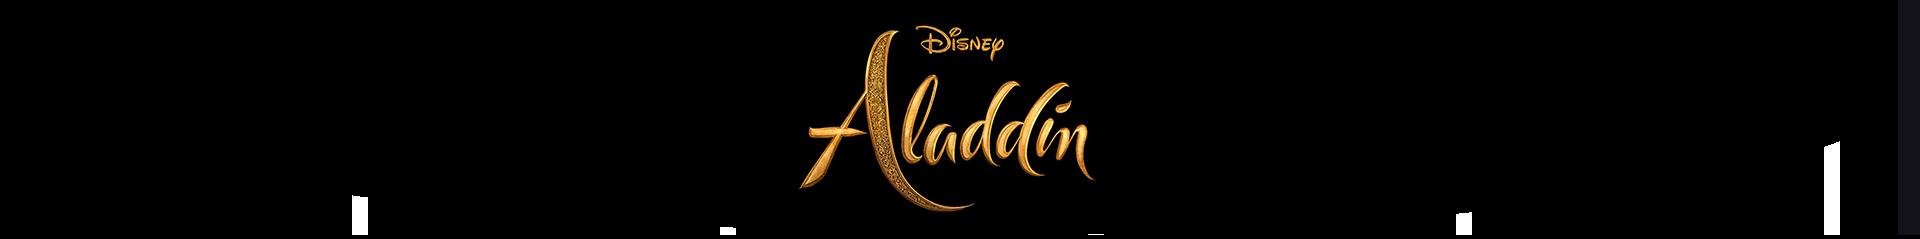 aladdin02